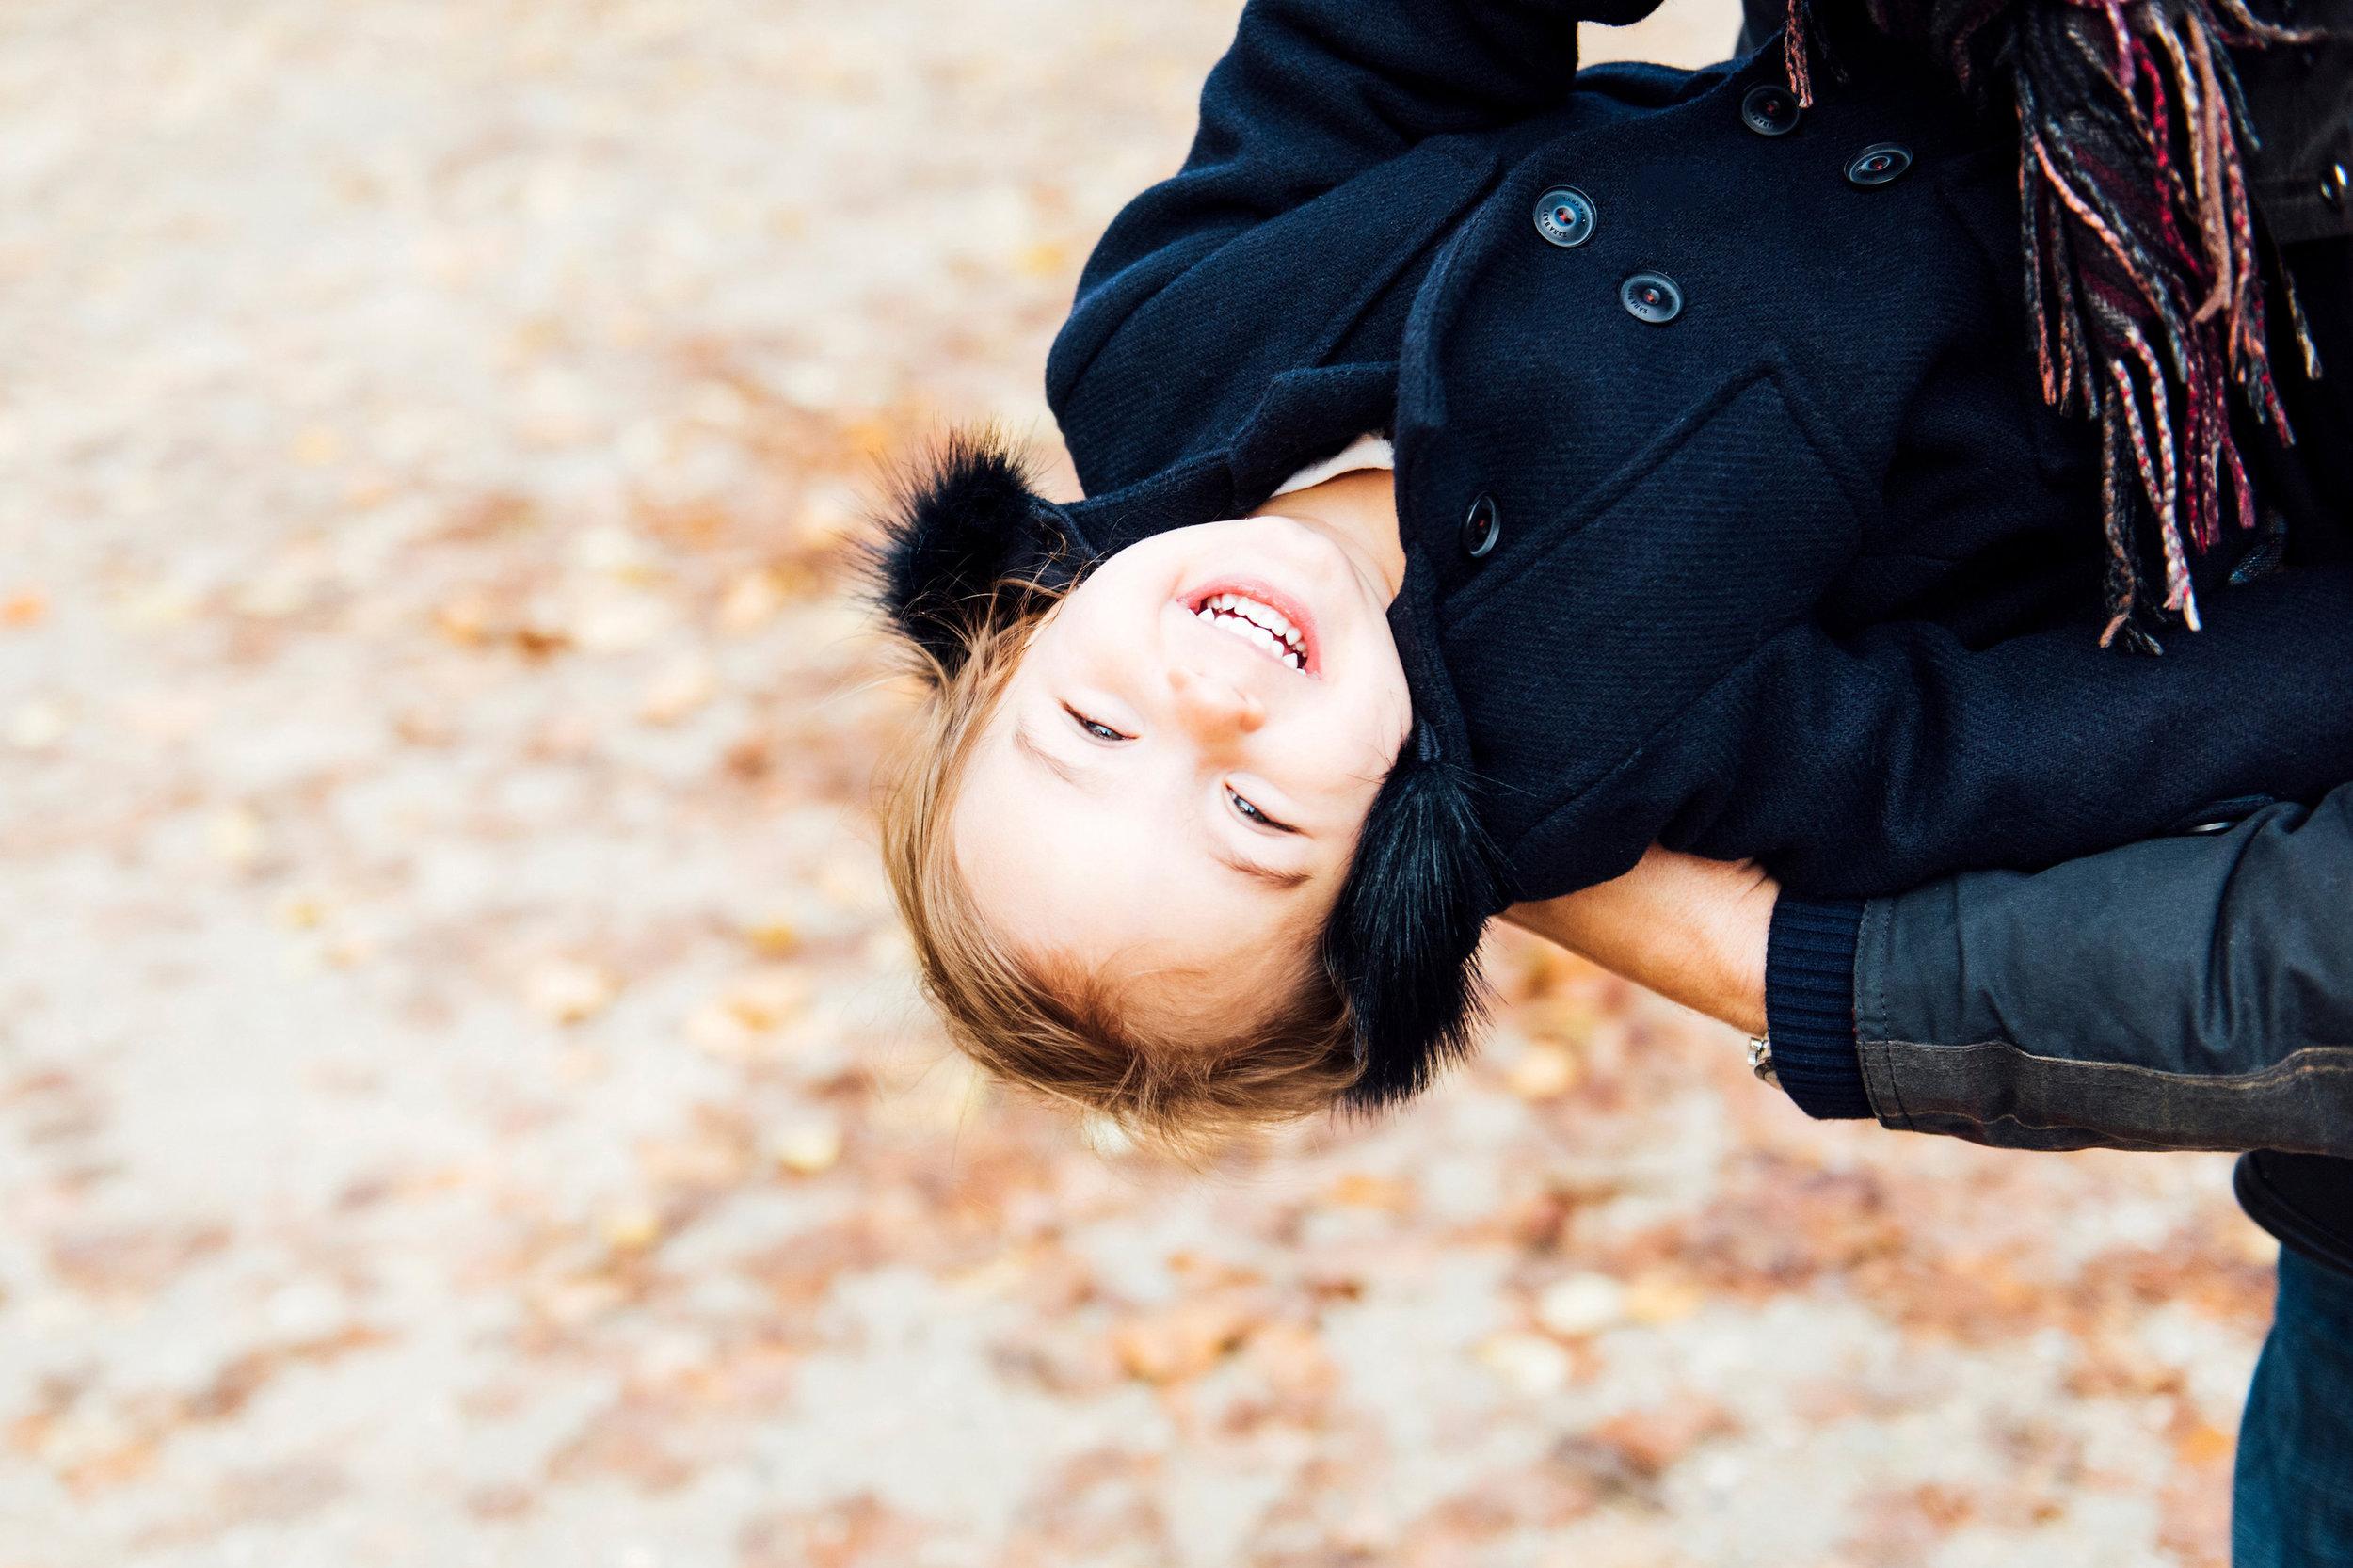 Katie_Mitchell_Paris_France_Family_Portrait_Photographer_08.jpg